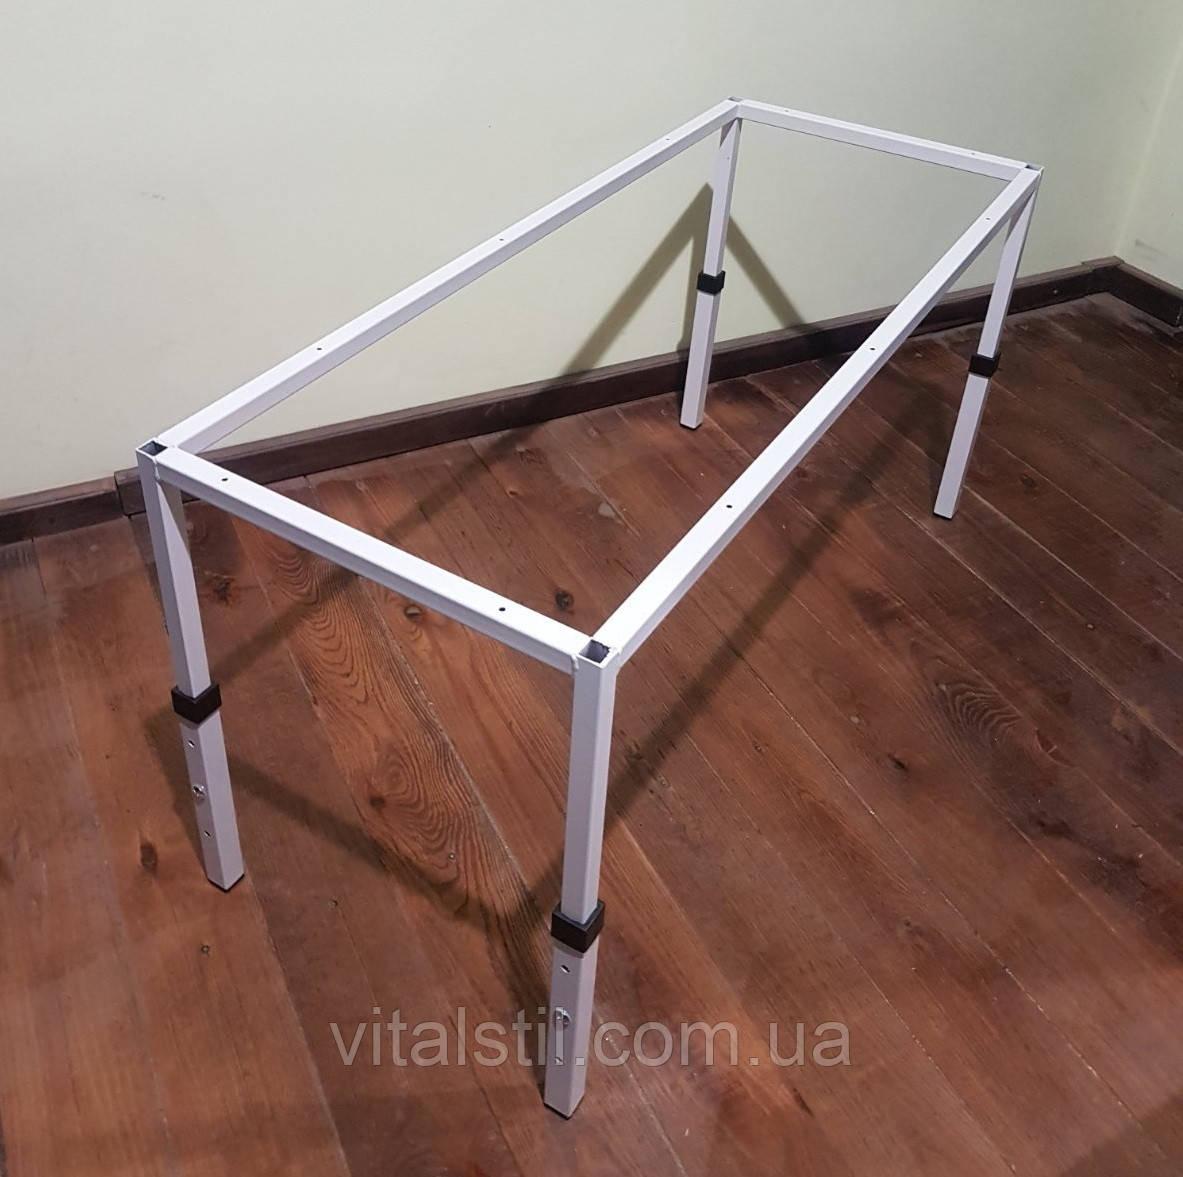 Каркас детского прямоугольного регулируемого стола